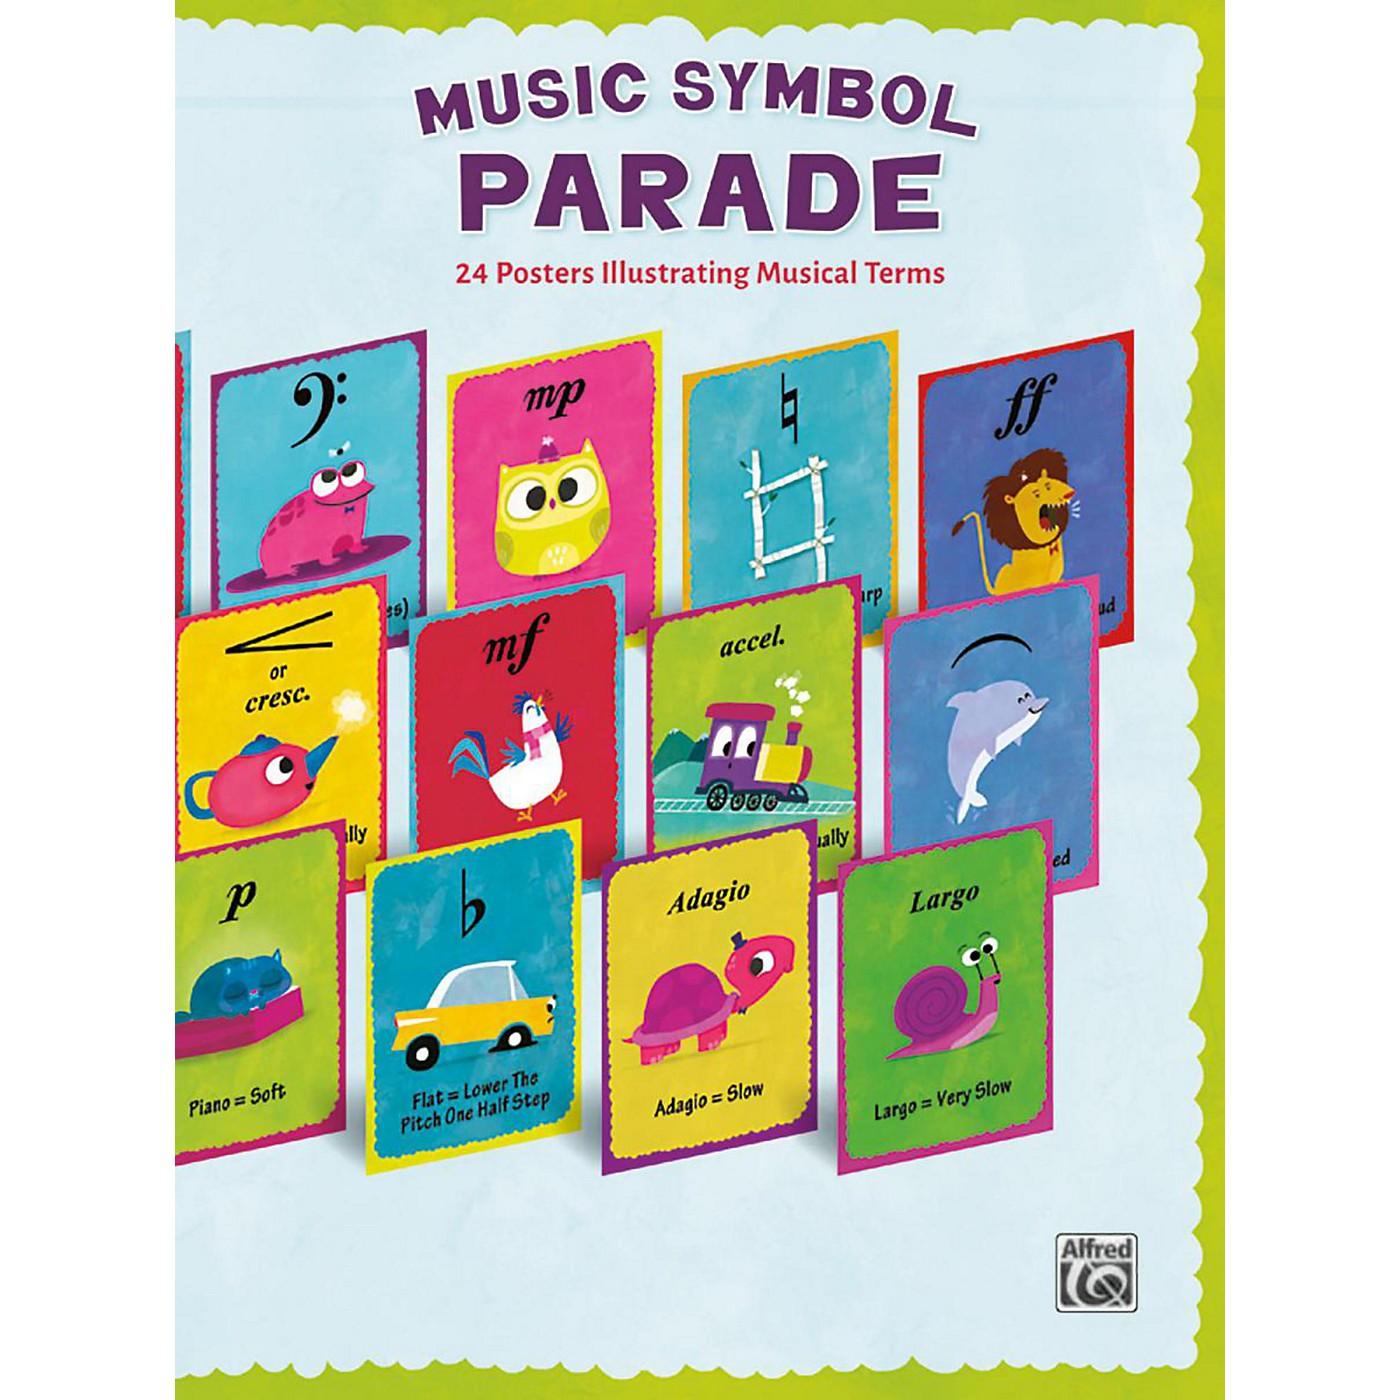 Alfred Music Symbol Parade 24-Poster Set thumbnail